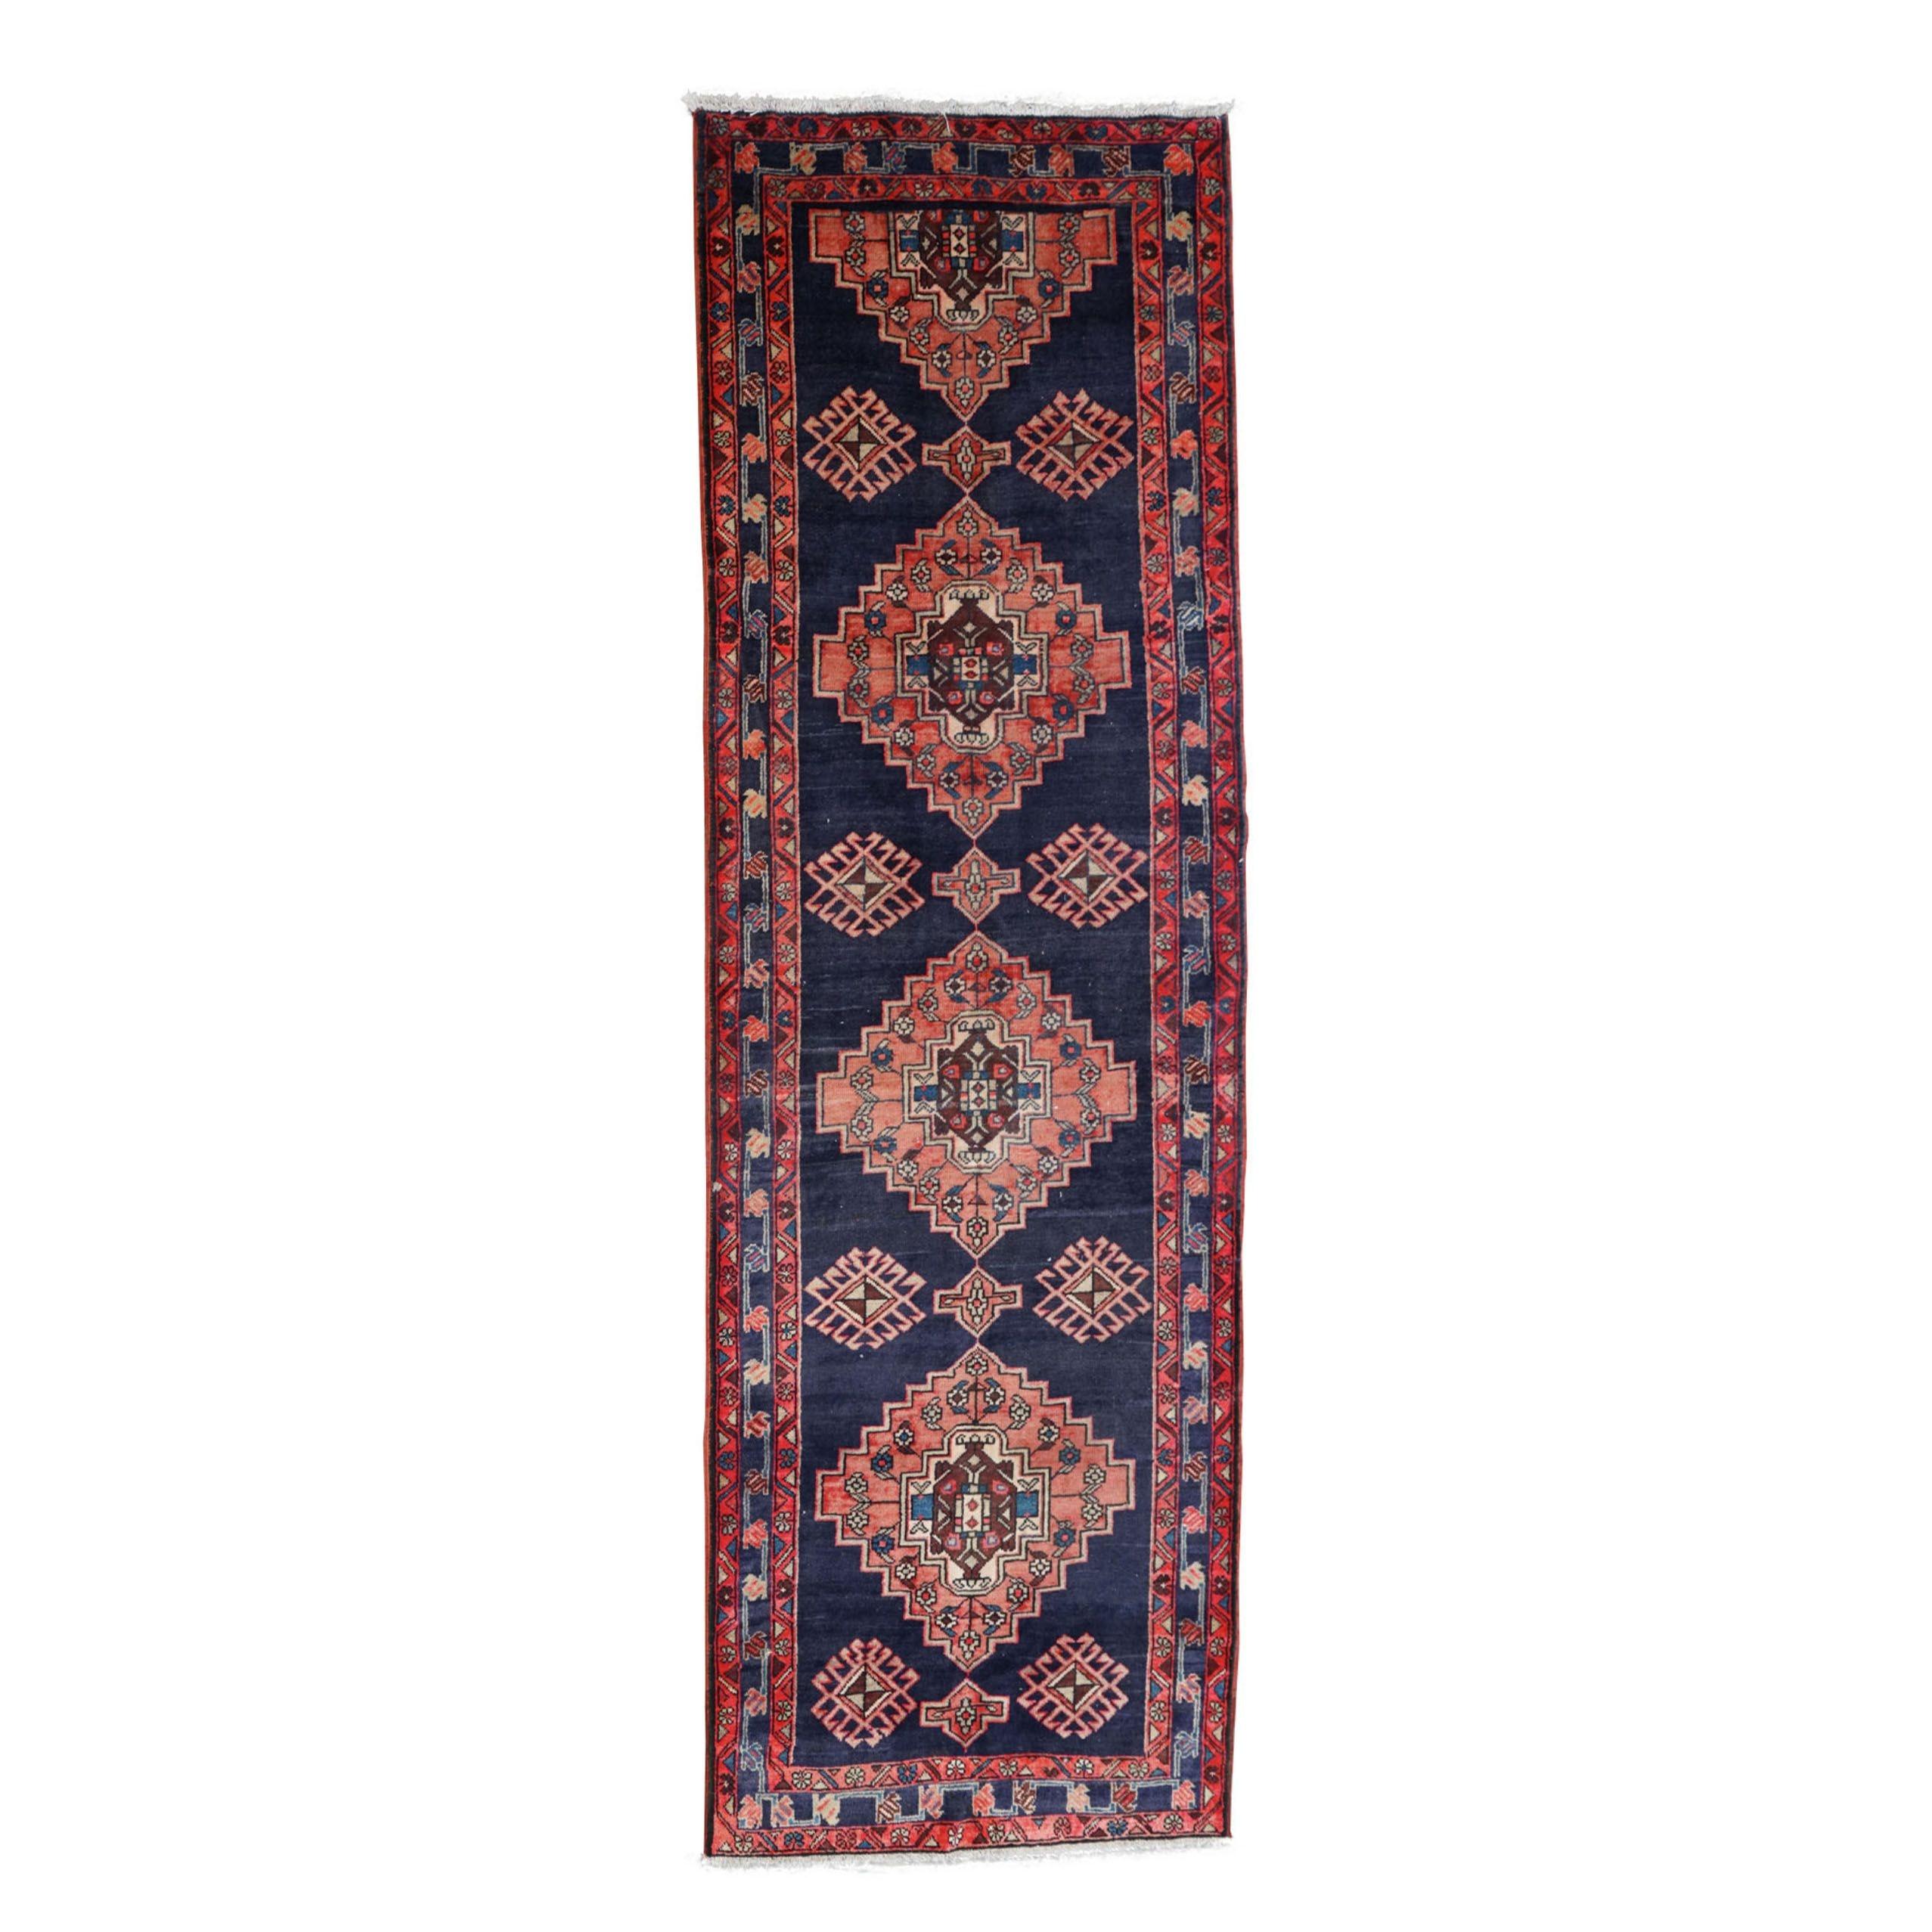 Hand-Knotted Caucasian Daghestan Wool Carpet Runner